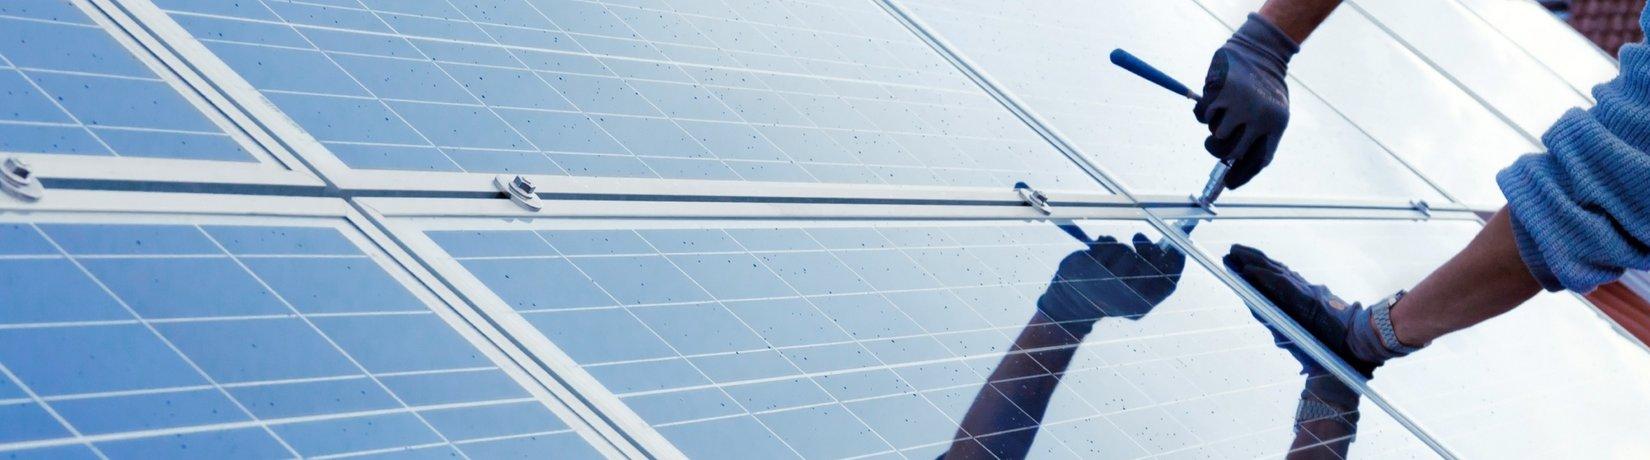 Solar Cluster Montage von Solarzellen